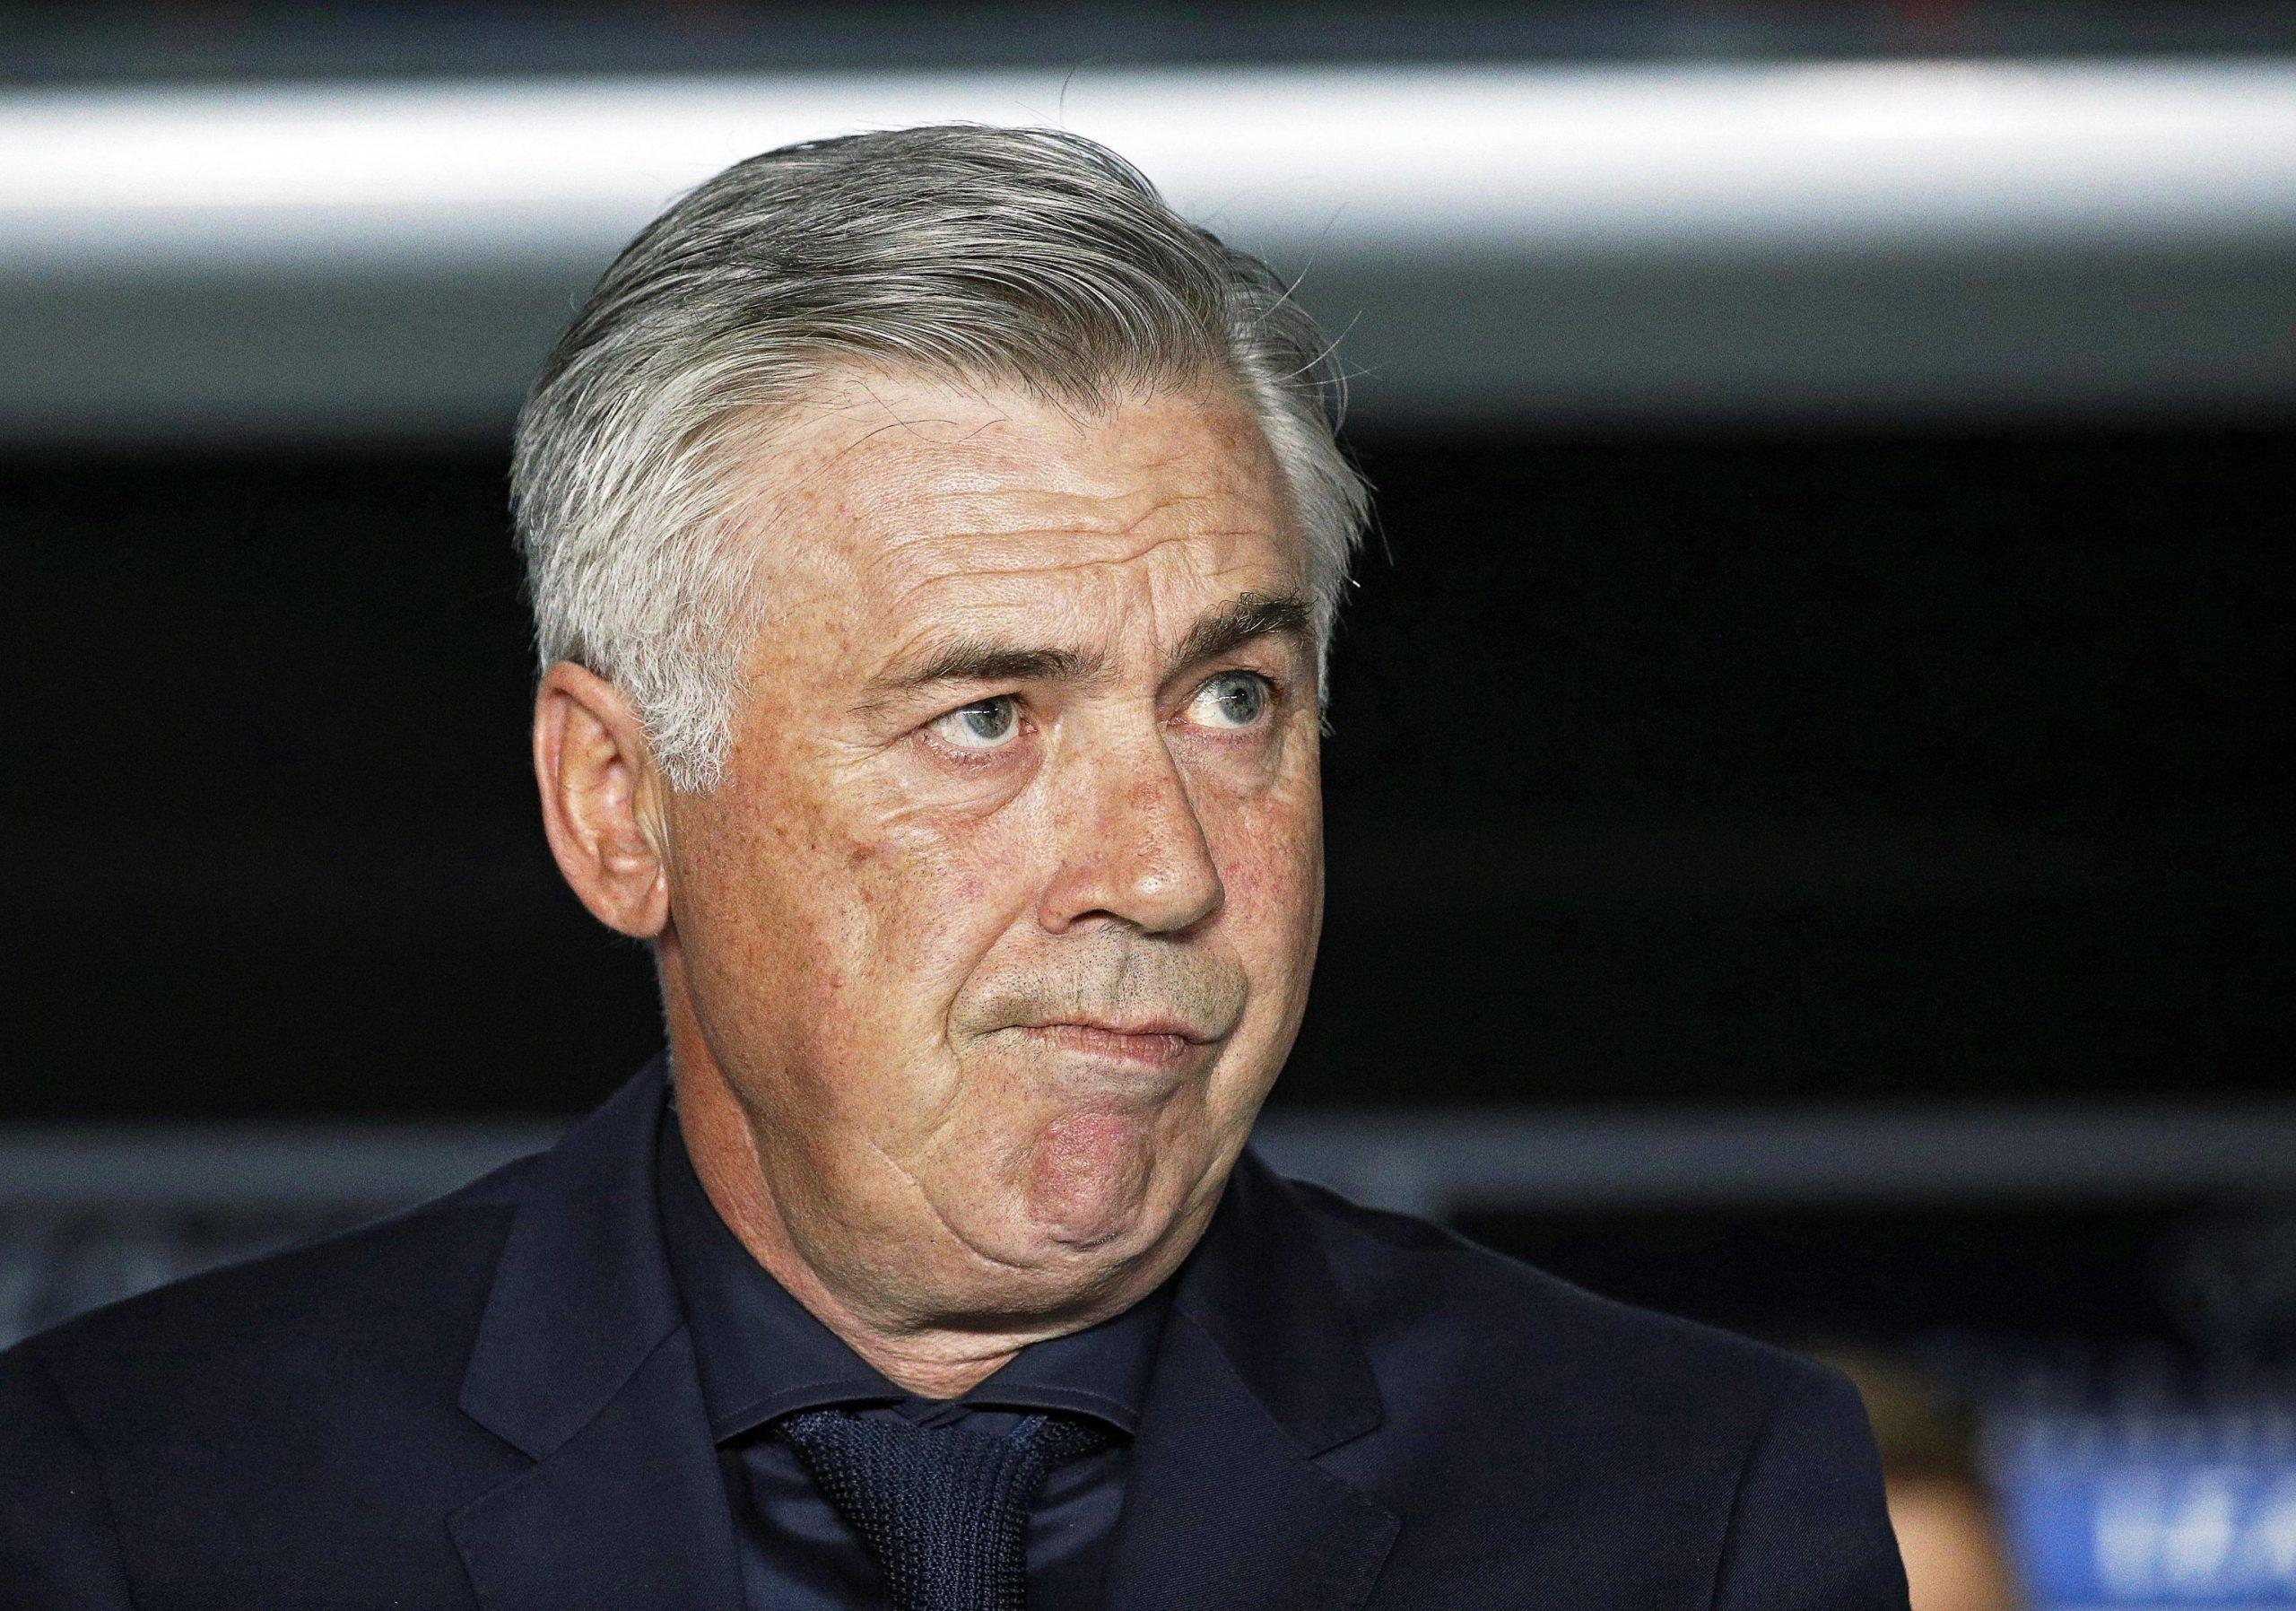 Reports: Carlo Ancelotti sacked at FC Bayern Munich